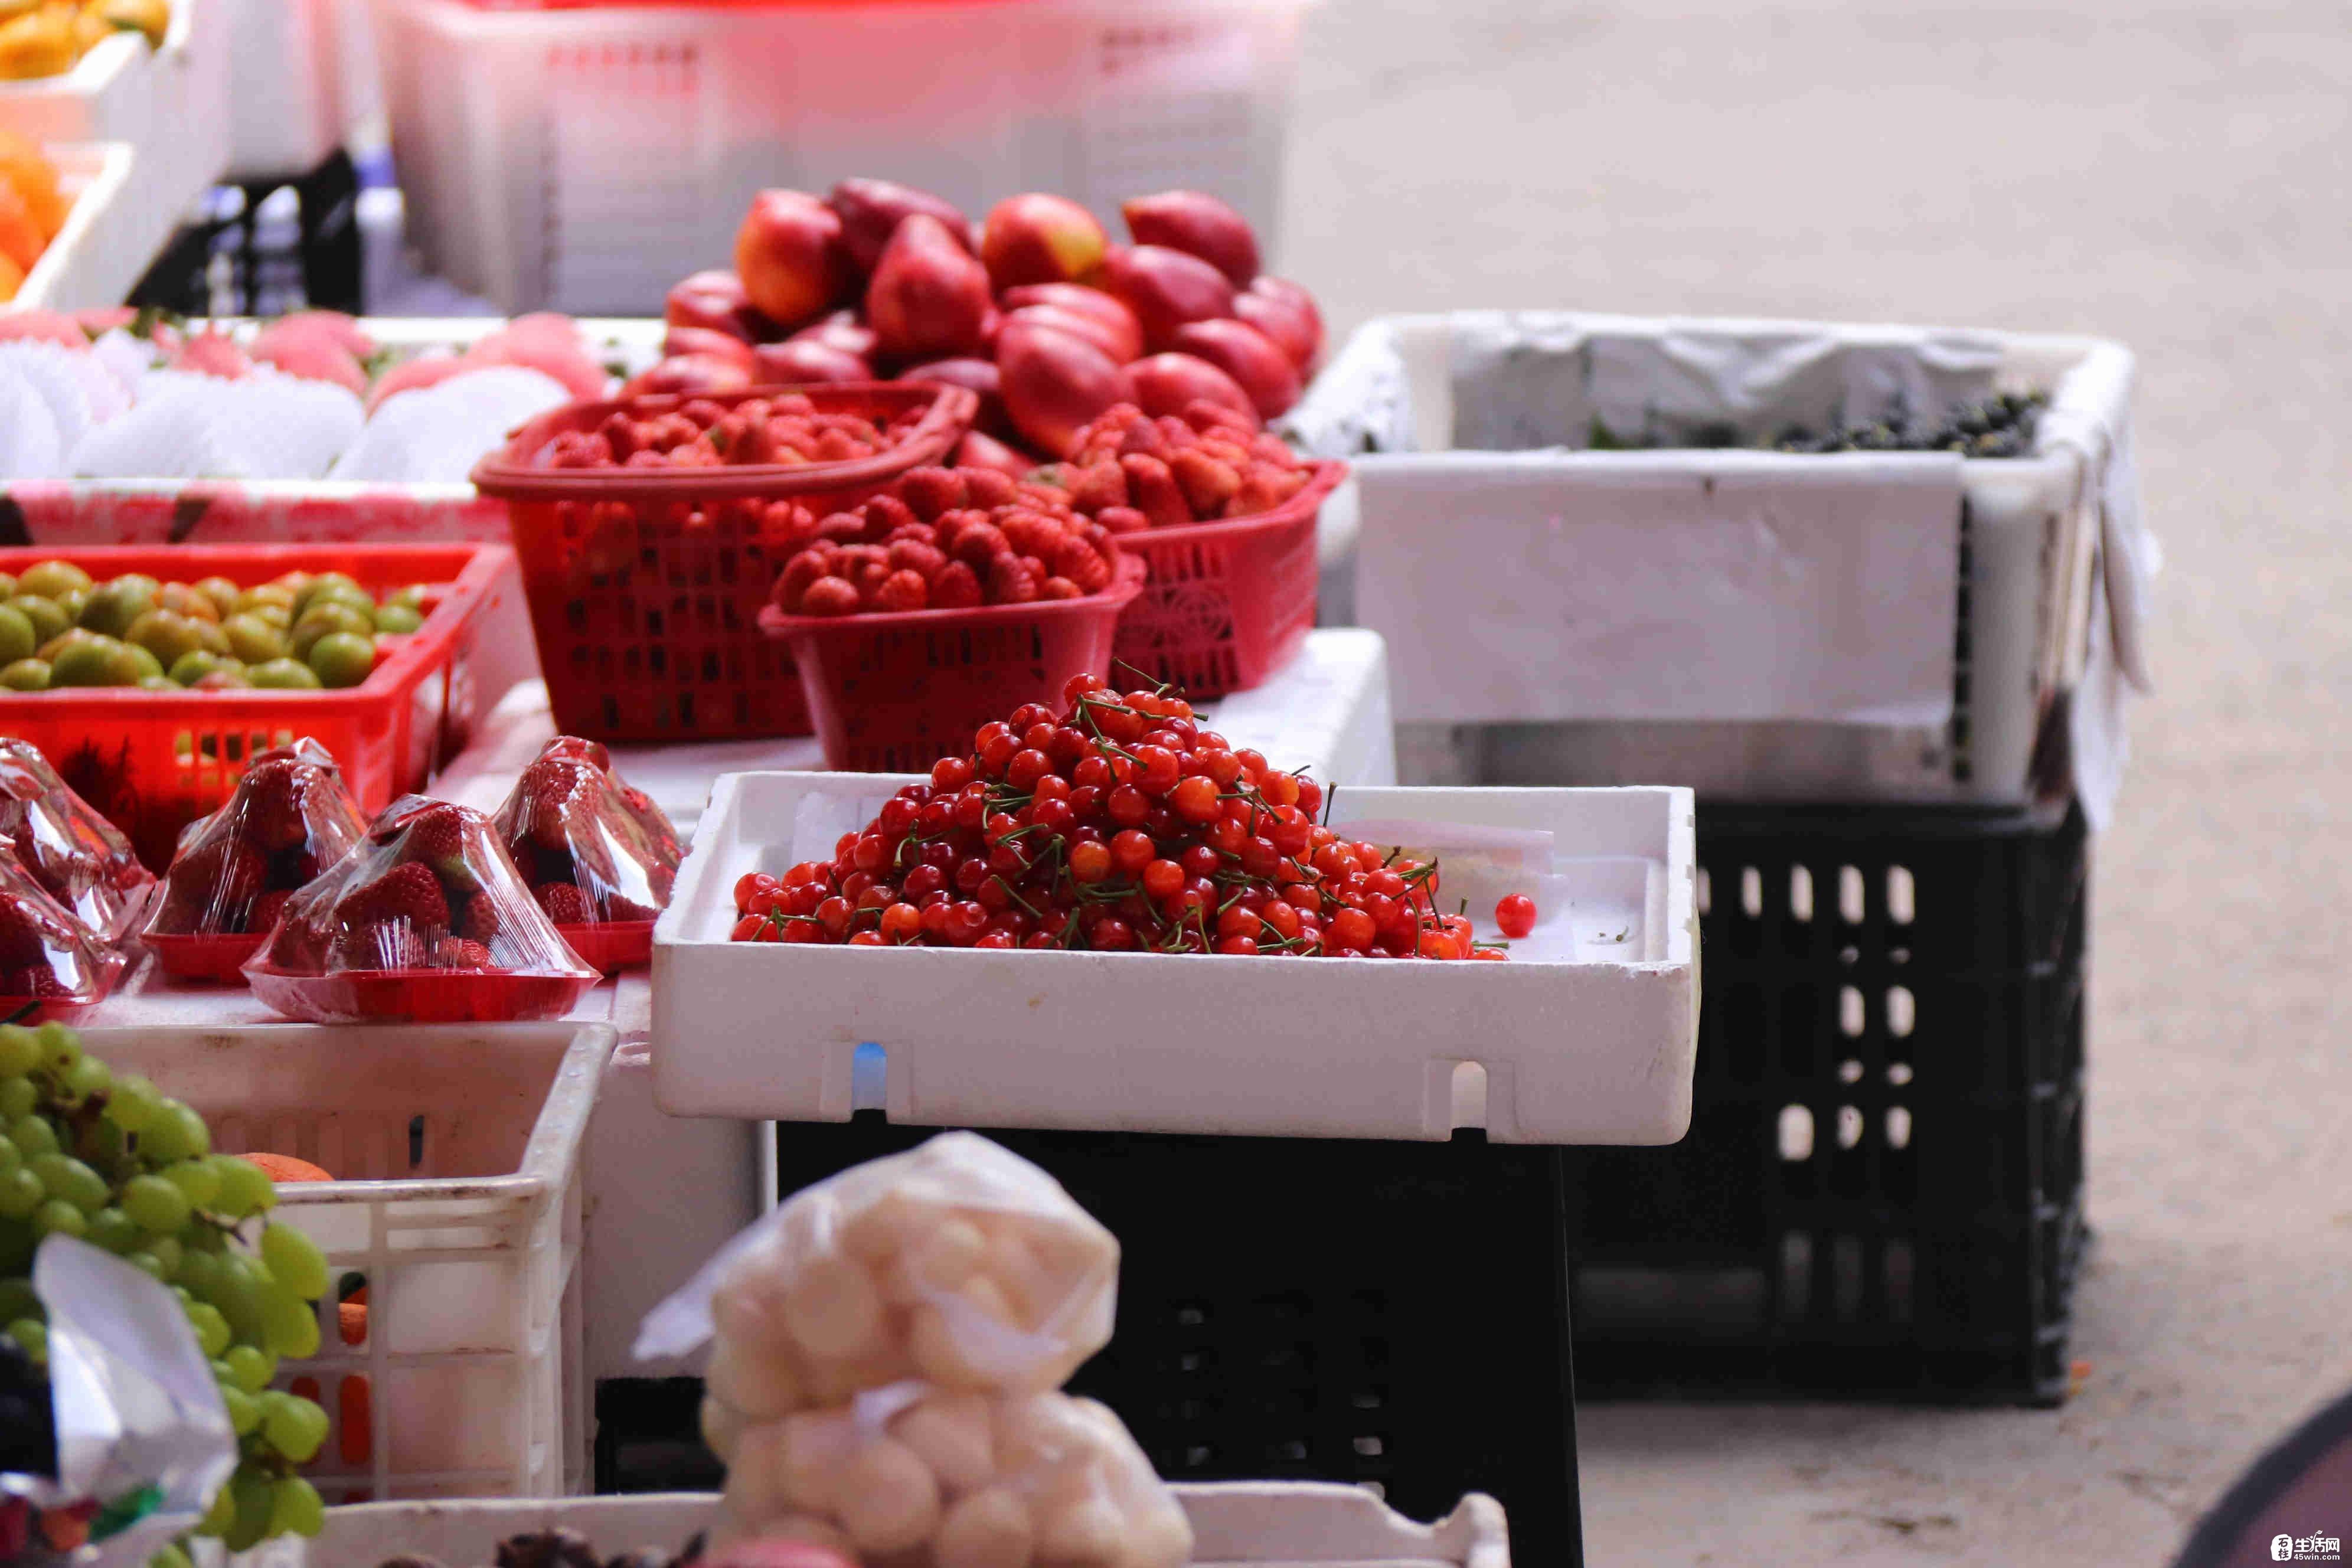 红彤彤的樱桃上市了,30元/斤,你舍得买吗?网友:吃不起